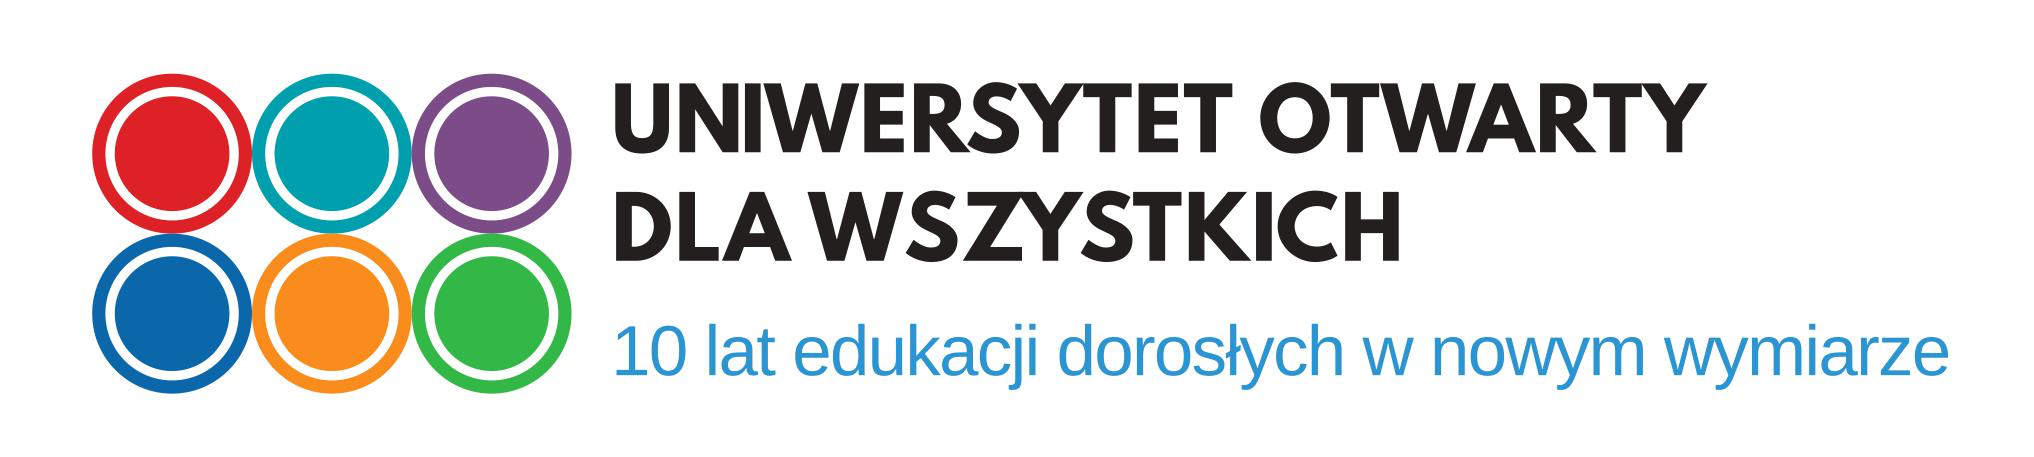 10-lecie Uniwersytetu Otwartego UW